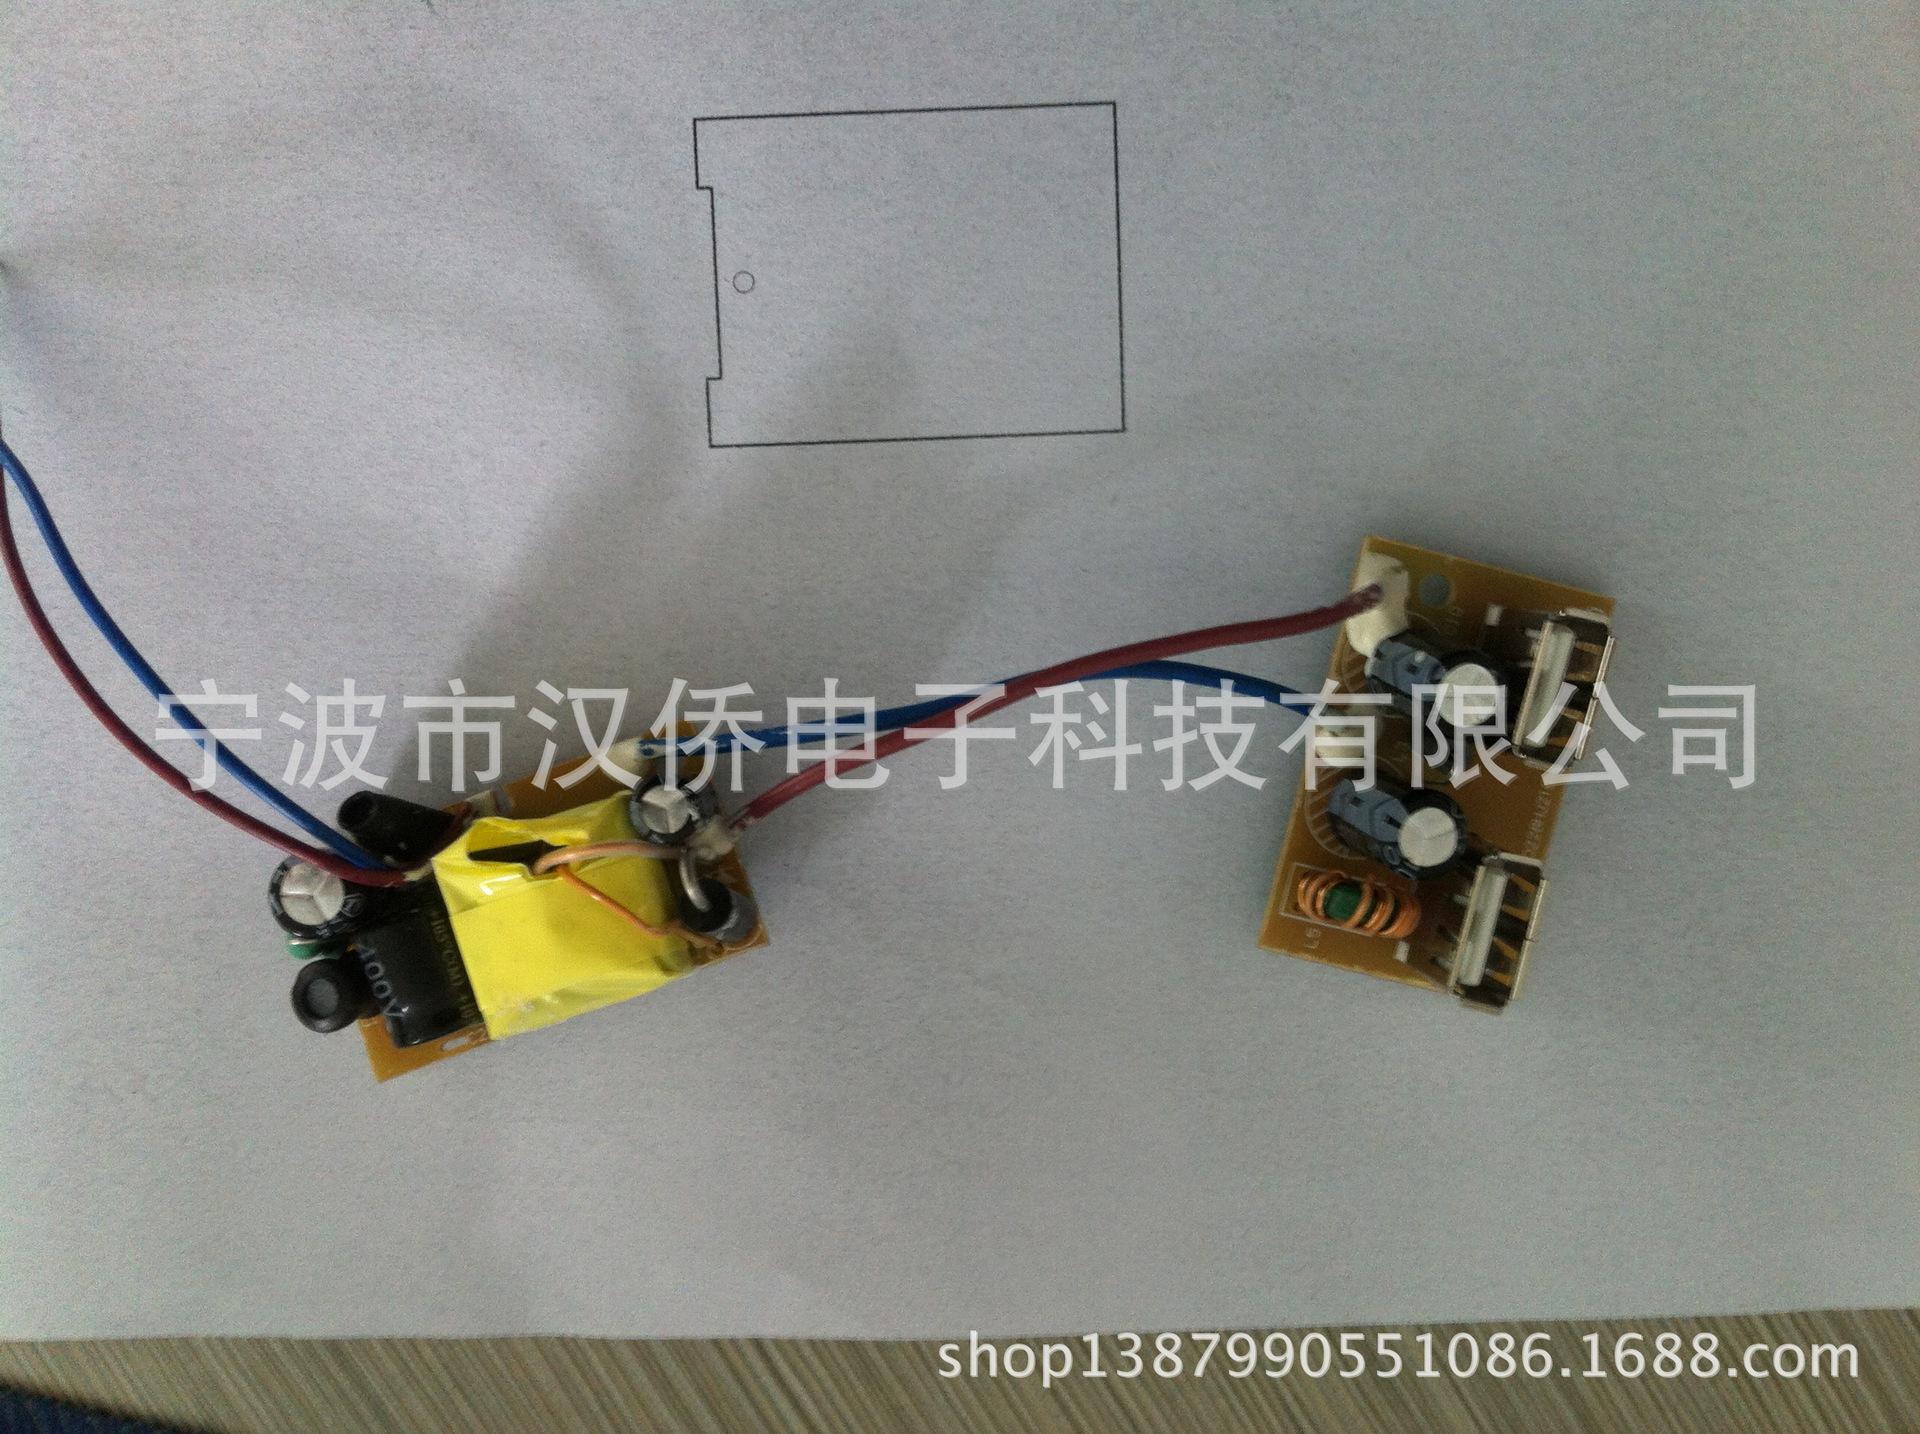 墙壁插座电源适配器双USB充电器 5V2.4A-5V2A-5V1A-5V500mA